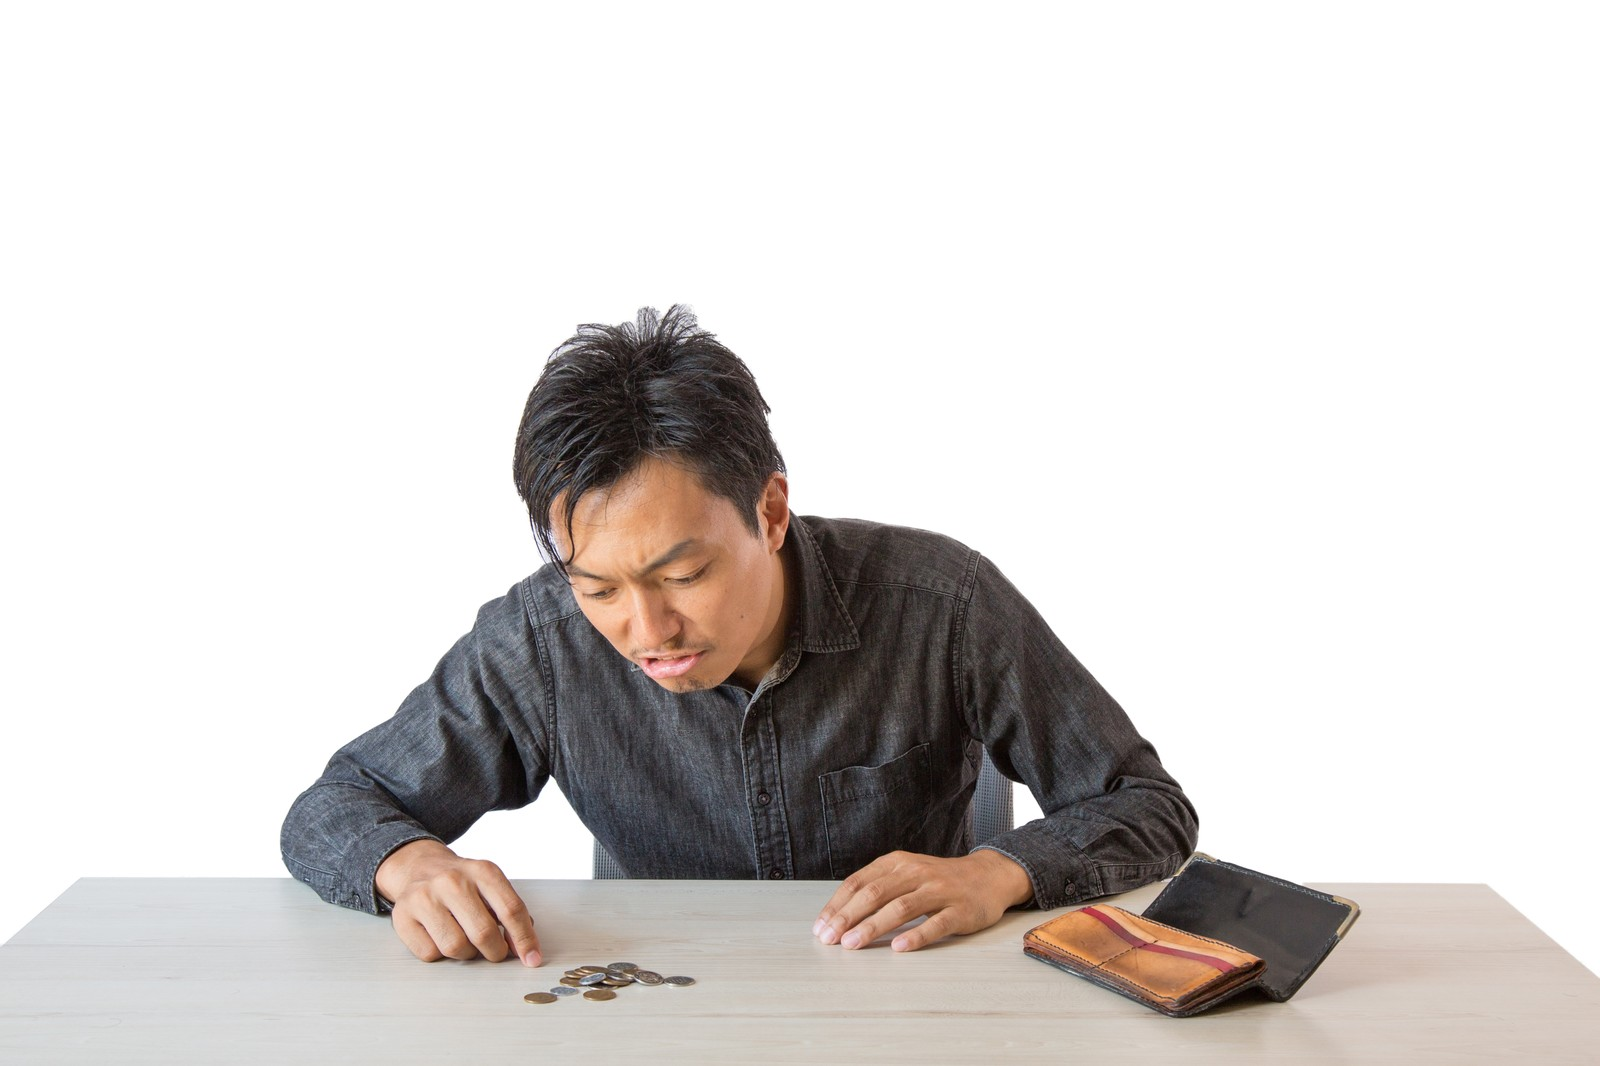 小銭を数えている男性の写真